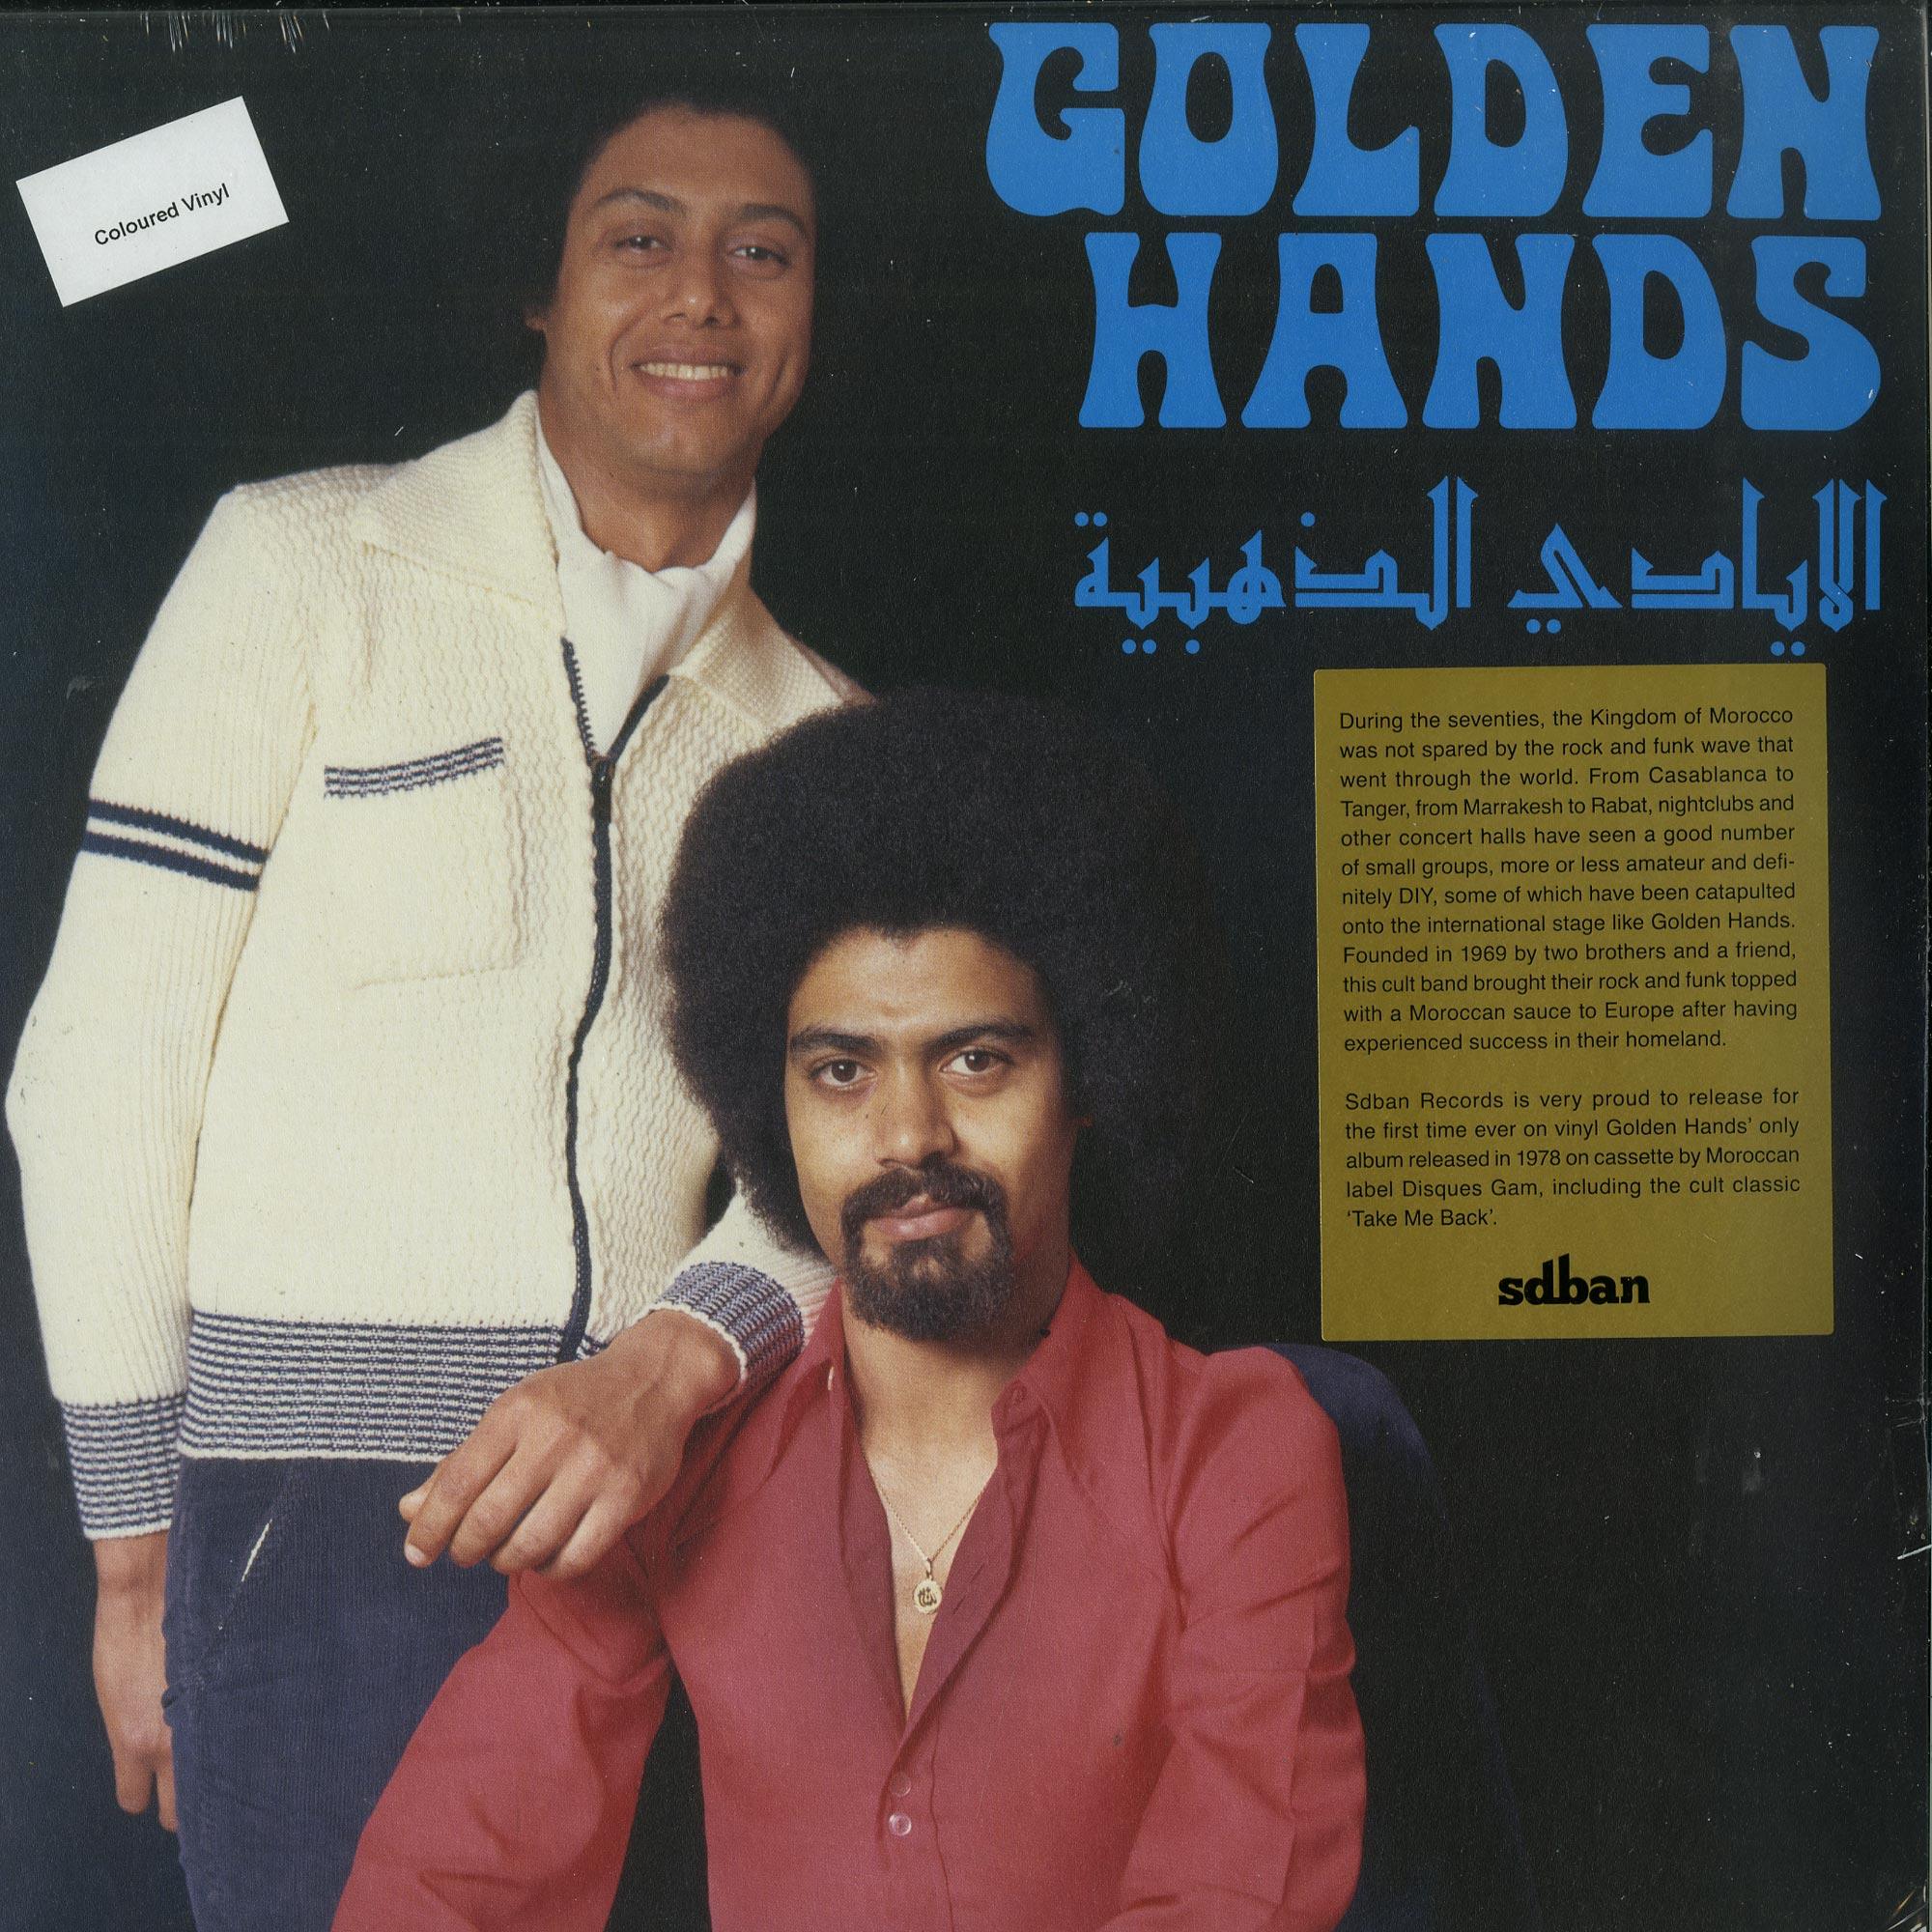 Golden Hands - GOLDEN HANDS LP